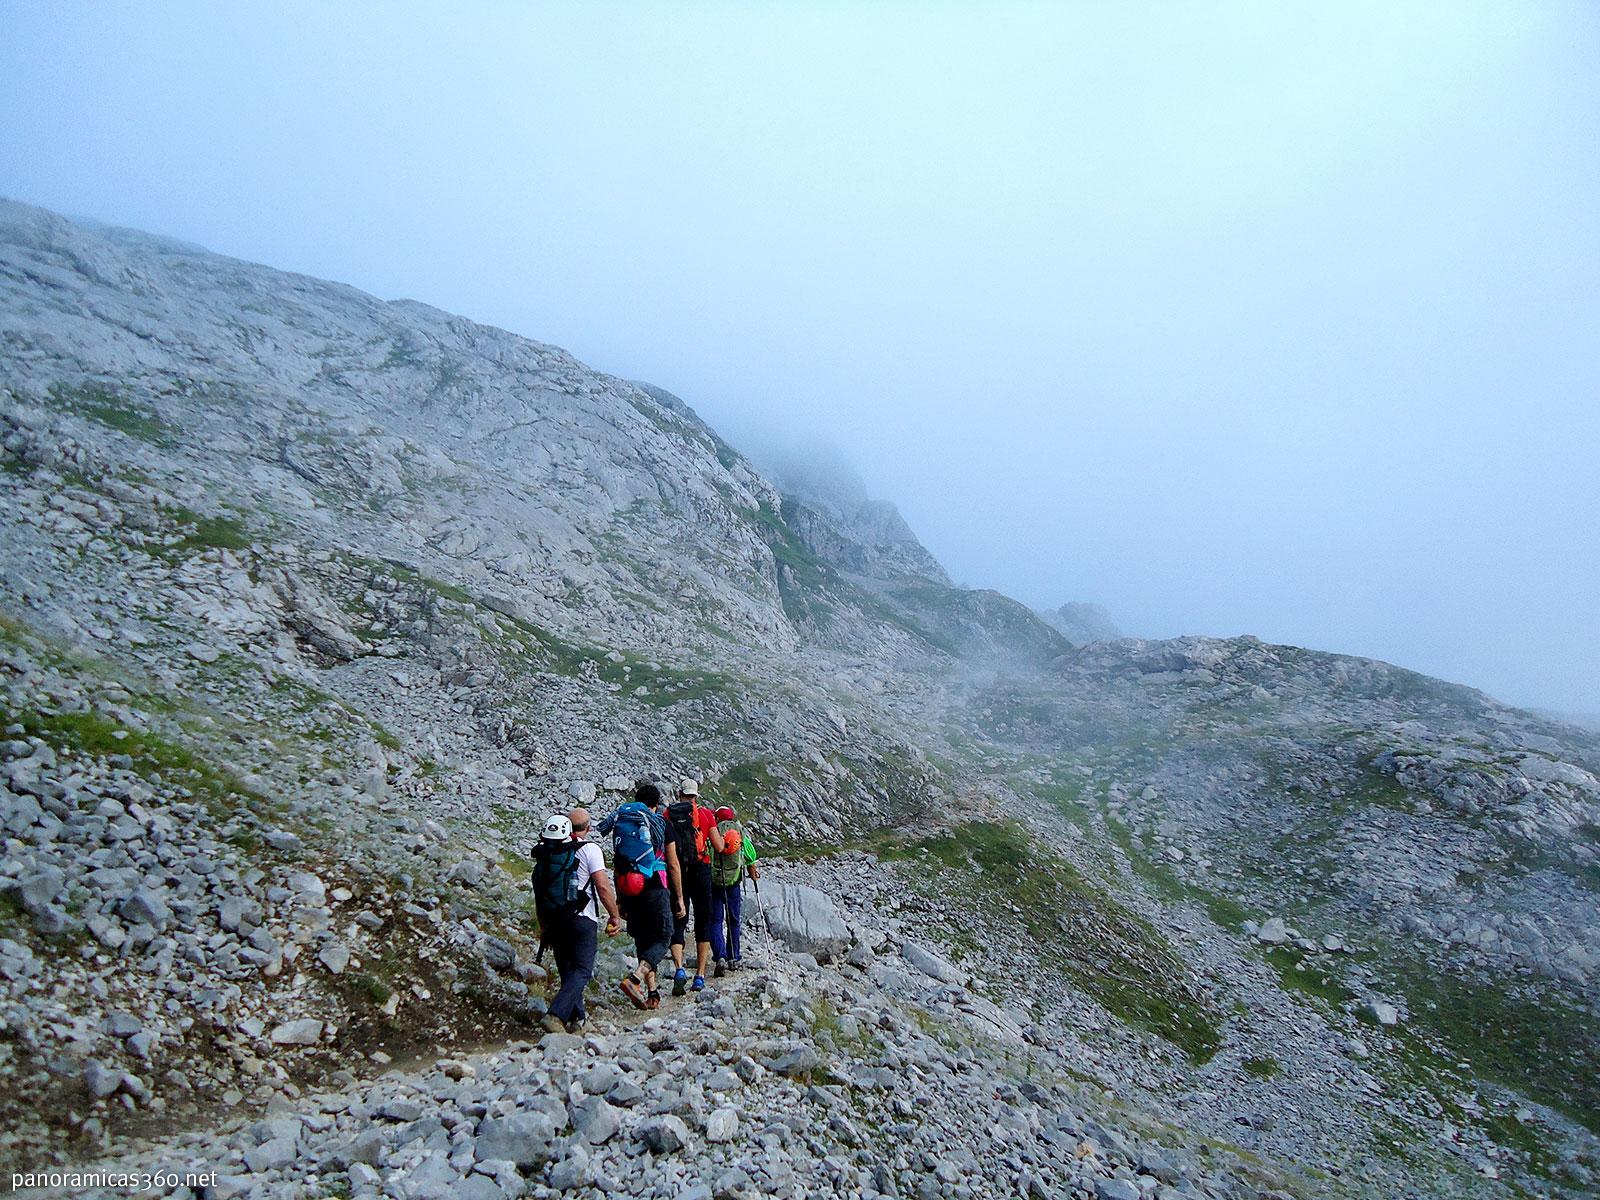 La niebla va y viene durante nuestra aproximación al refugio de la Vega de Uriiellu